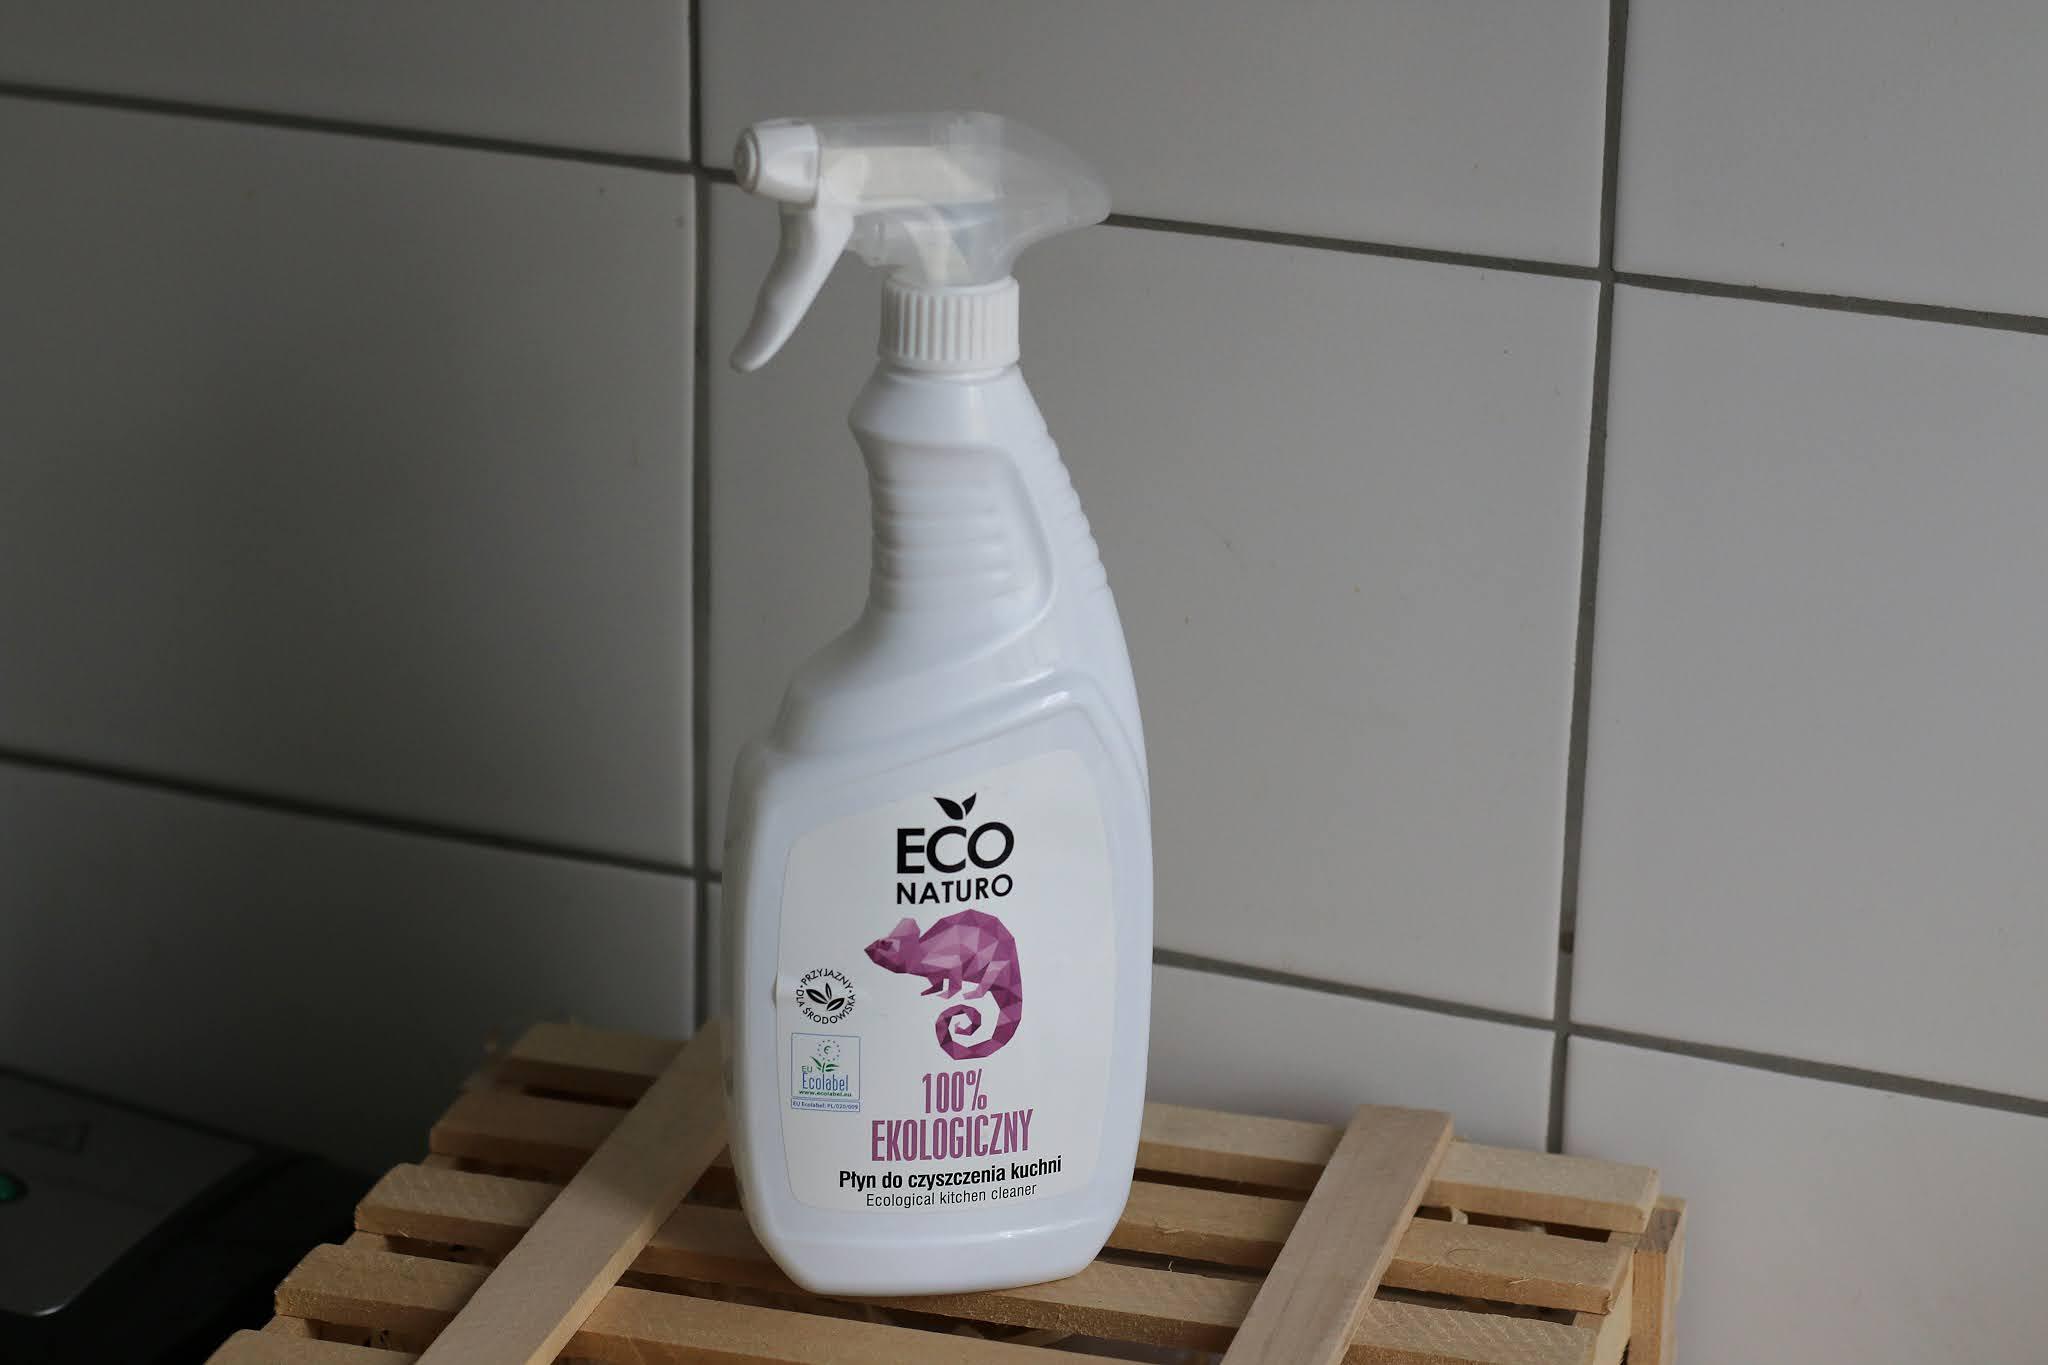 eko natur uniwersalny środek czystości